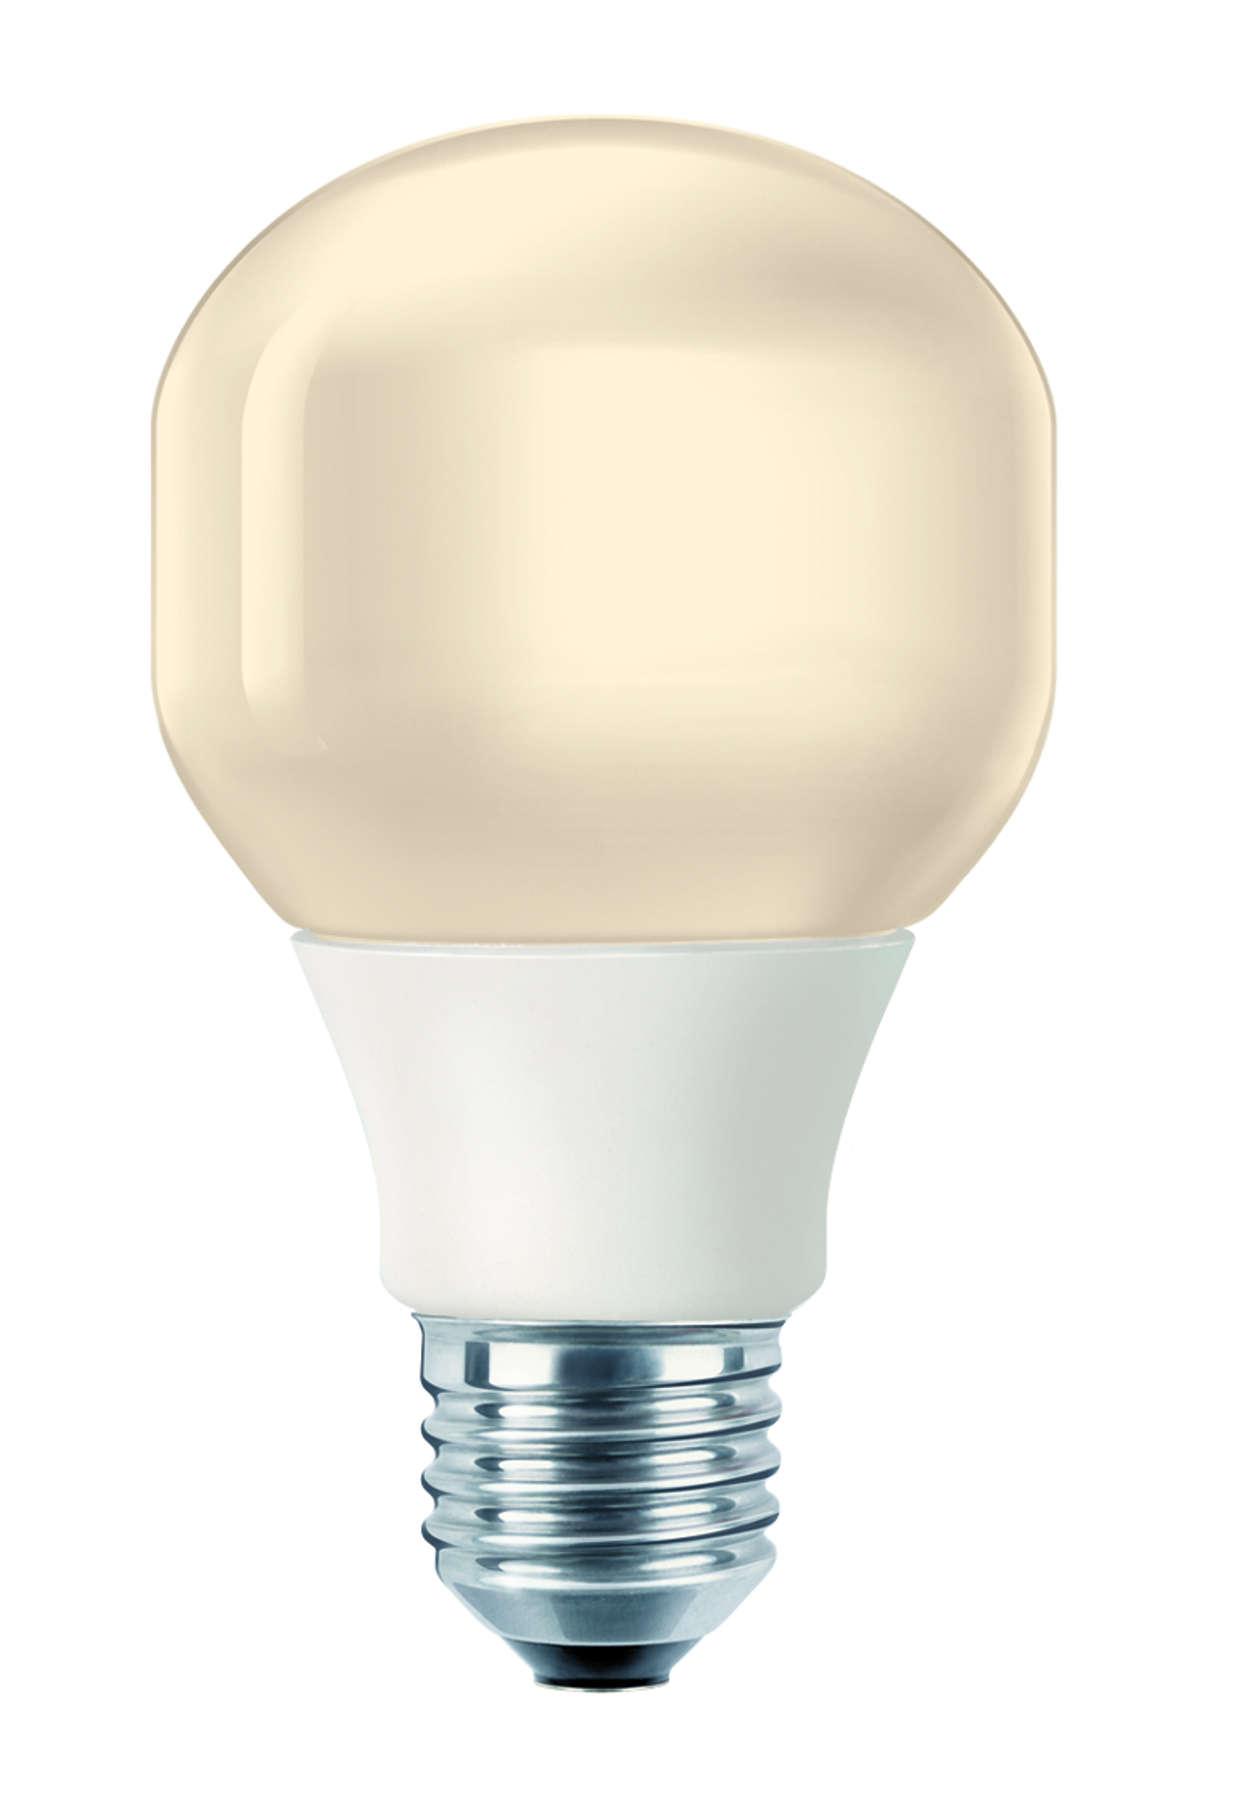 Мягкий и уютный свет